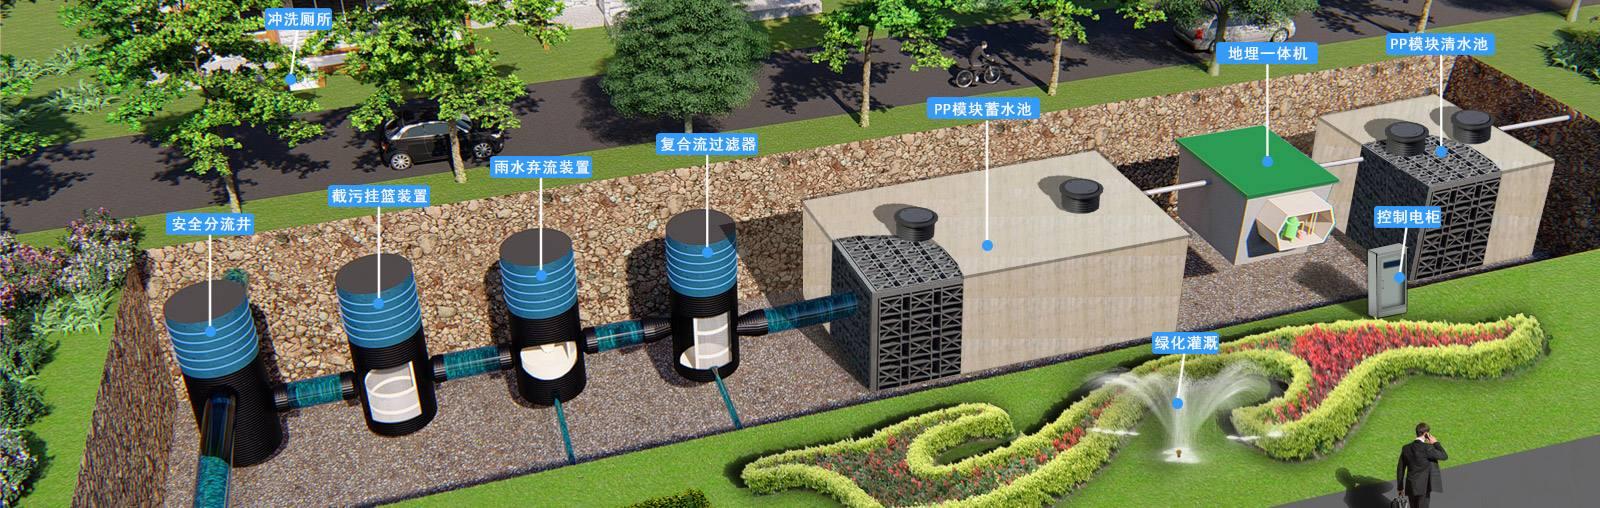 雨水收集系统过程